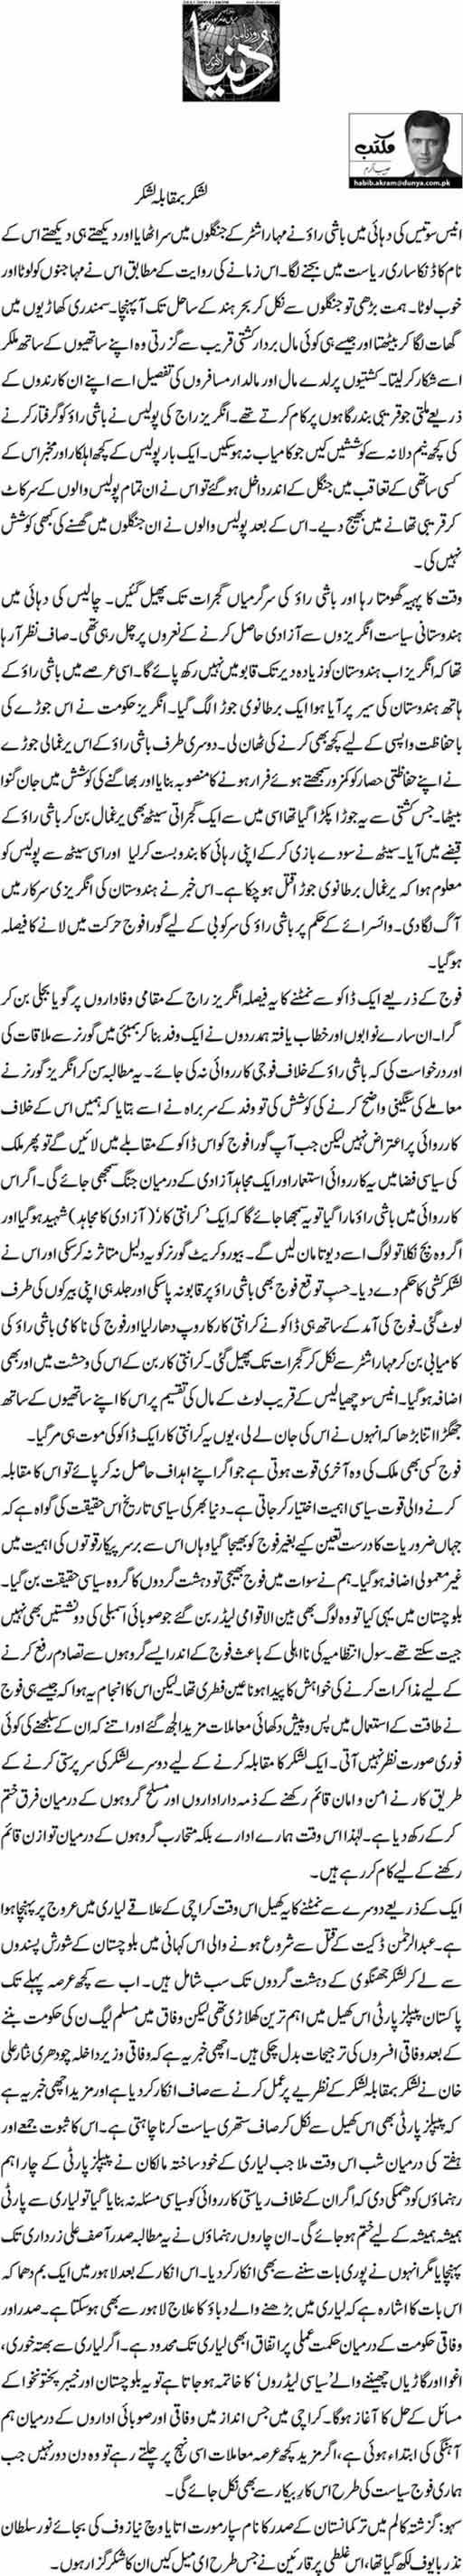 Lashkar Bamuqbla Lashkar - Habib Akram